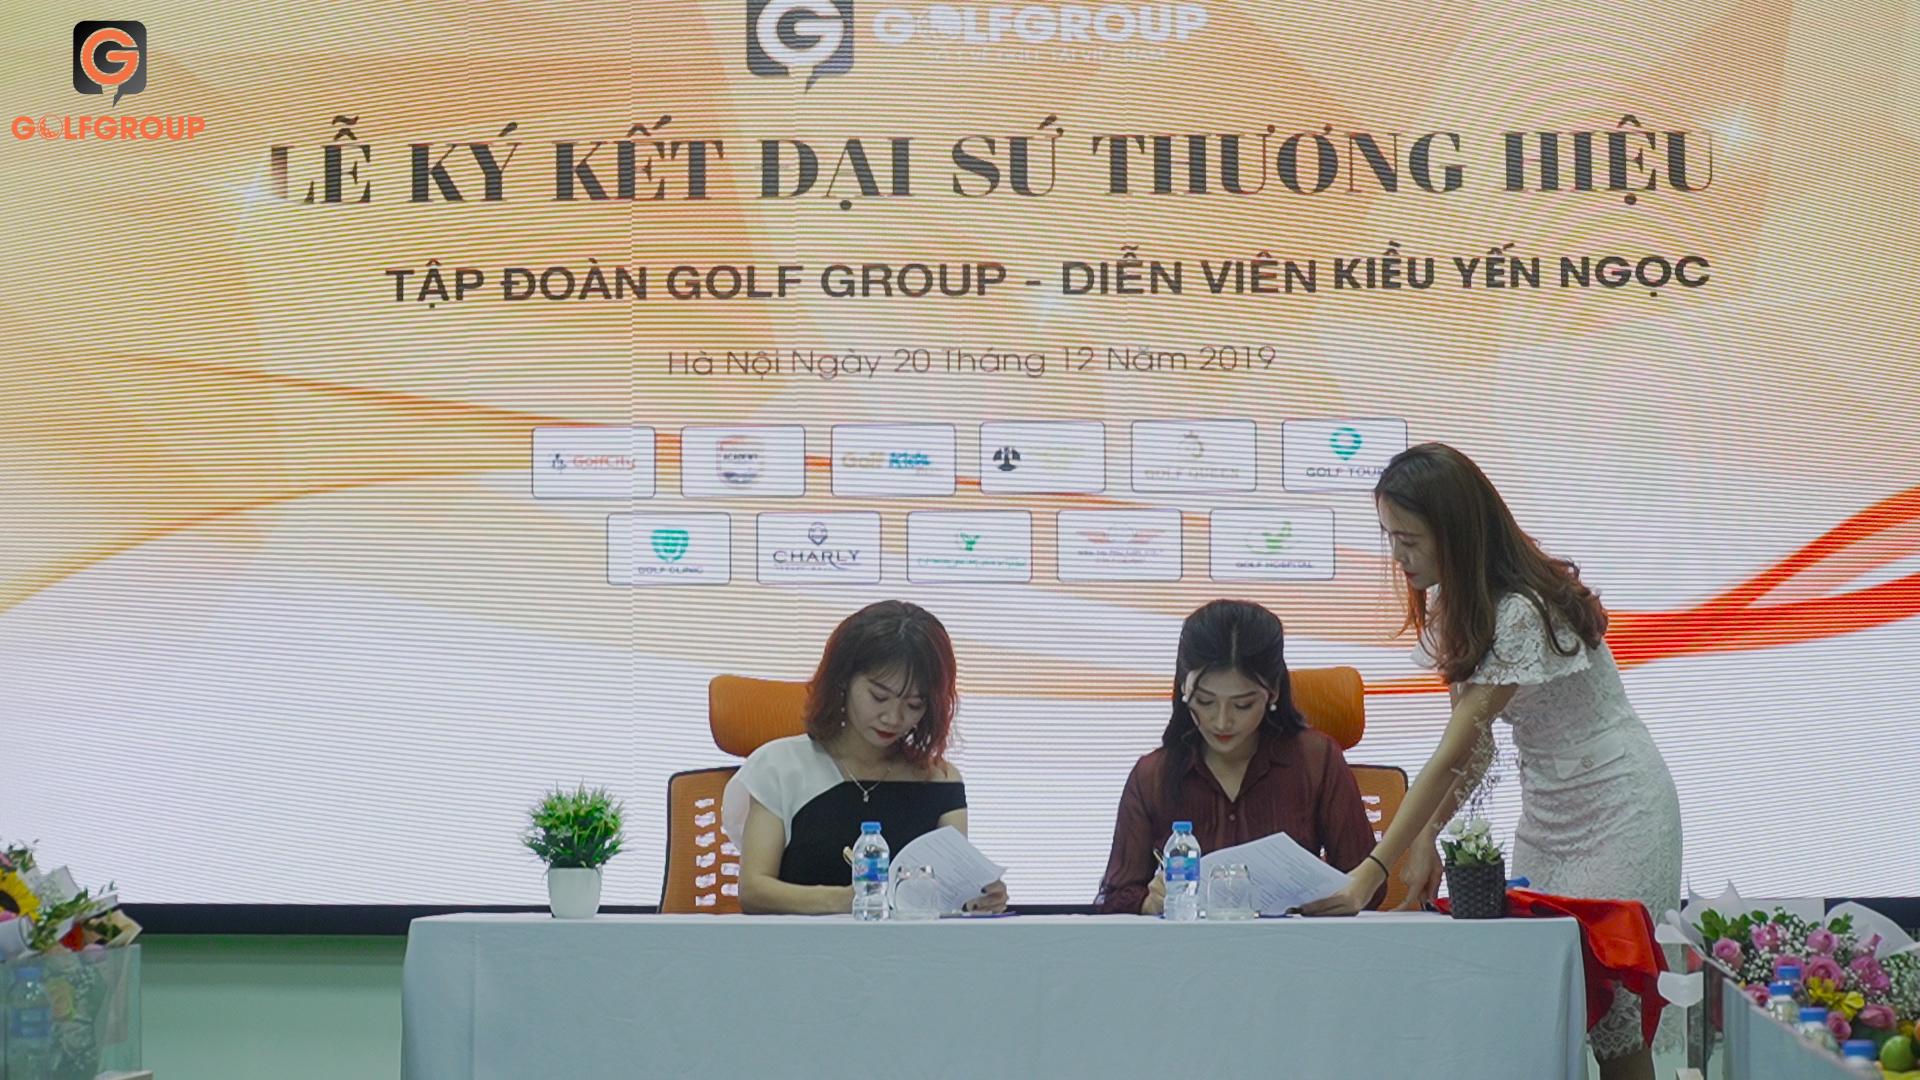 Tập đoàn Golfgroup ký kết và công bố diễn viên Kiều Yến Ngọc là đại sứ thương hiệu